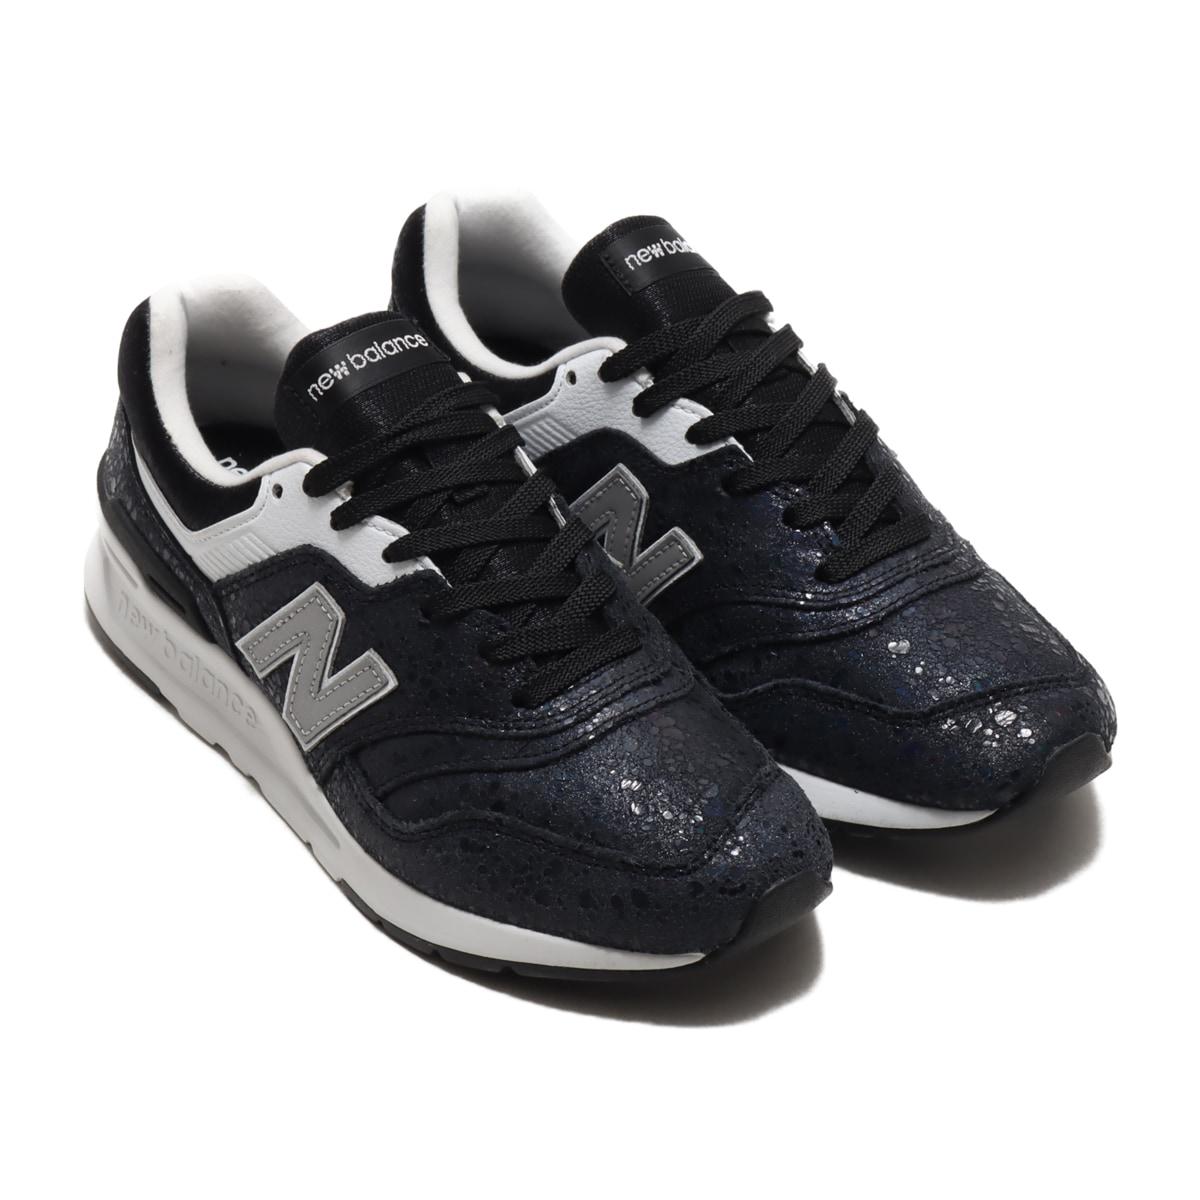 ニューバランス CW997HBZ ブラック New Balance-Black-pair